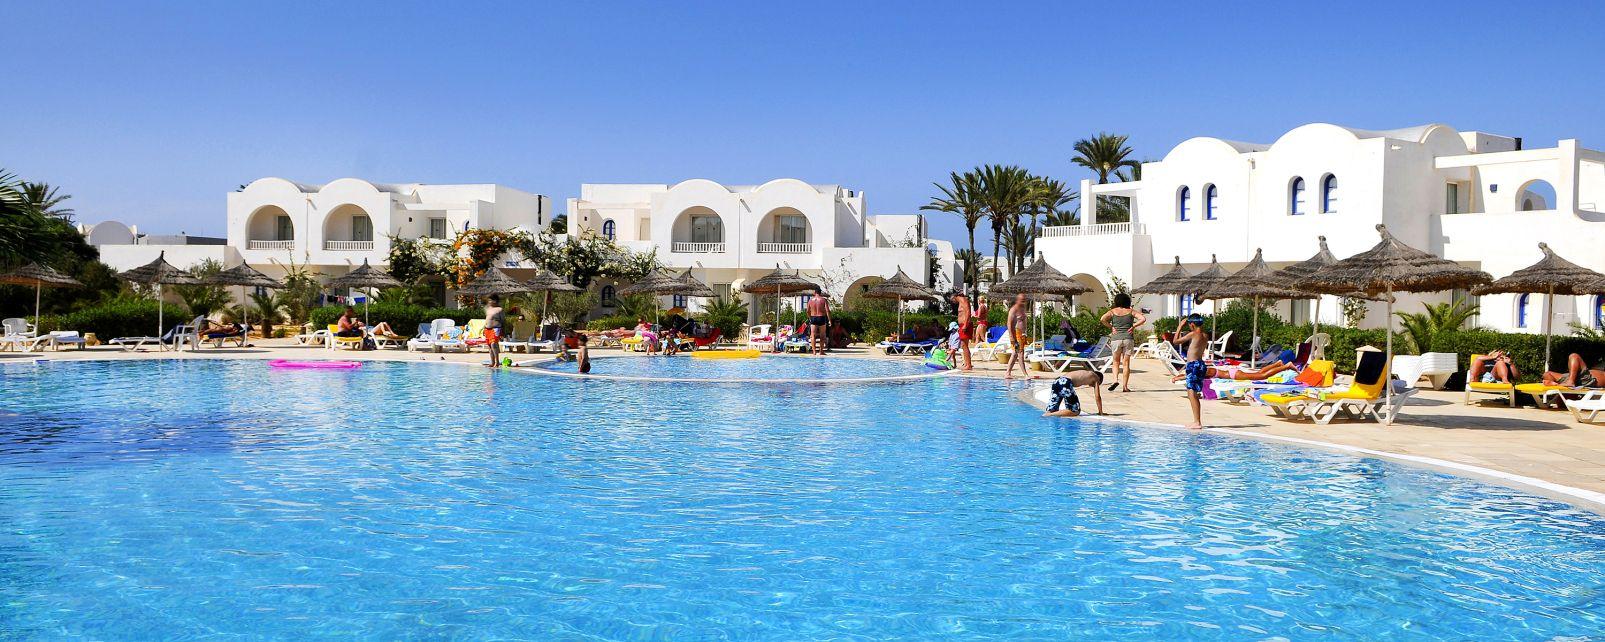 Hotel village sun club in djerba tunisia for Hotels djerba